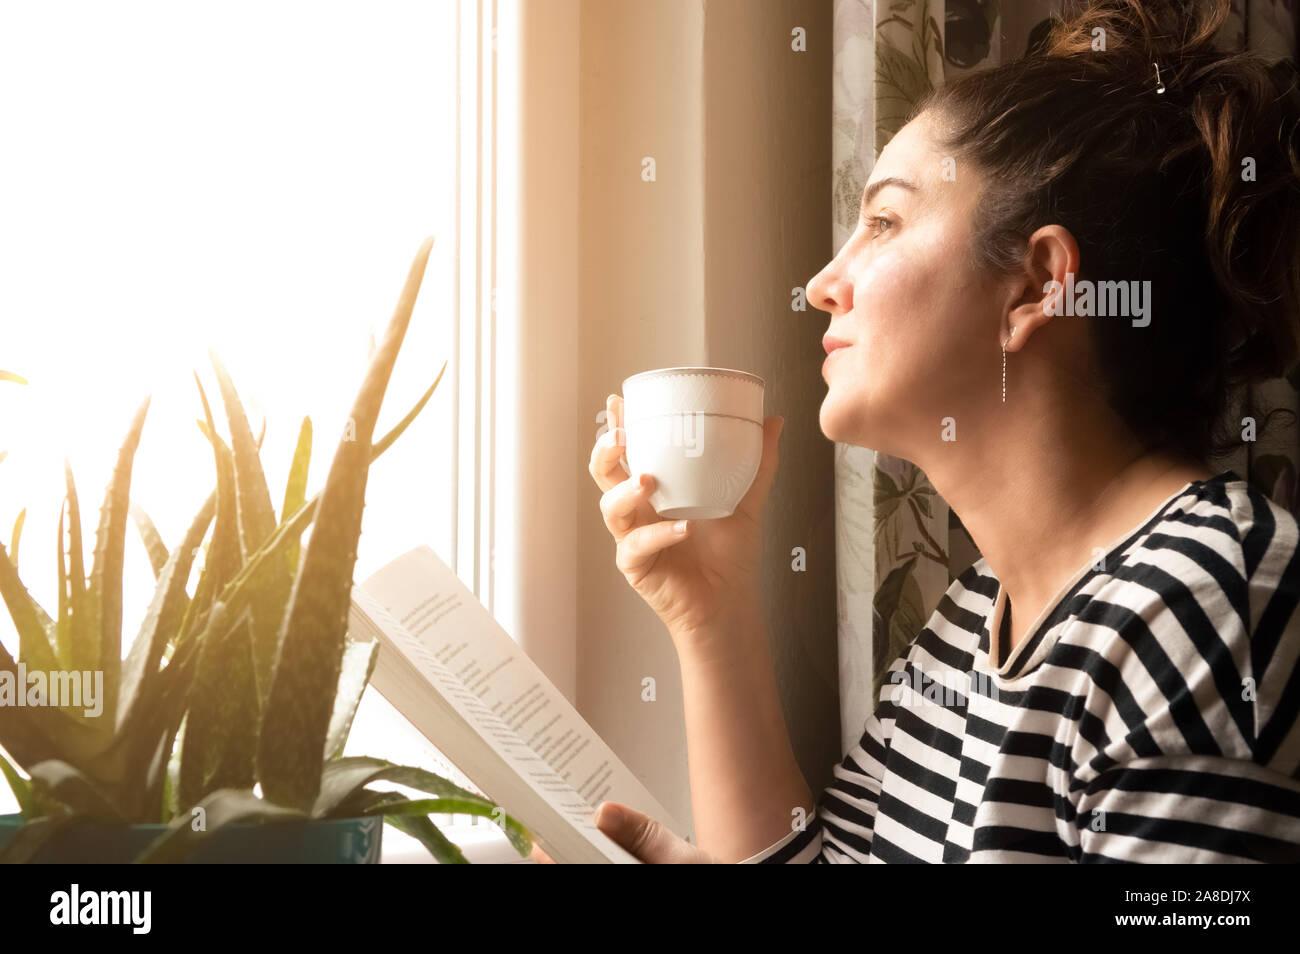 Retrato de un adulto morena encantadora mujer vistiendo ropa casual leyendo un libro y beber café o té en la casa cerca de la ventana. Soñar co Foto de stock